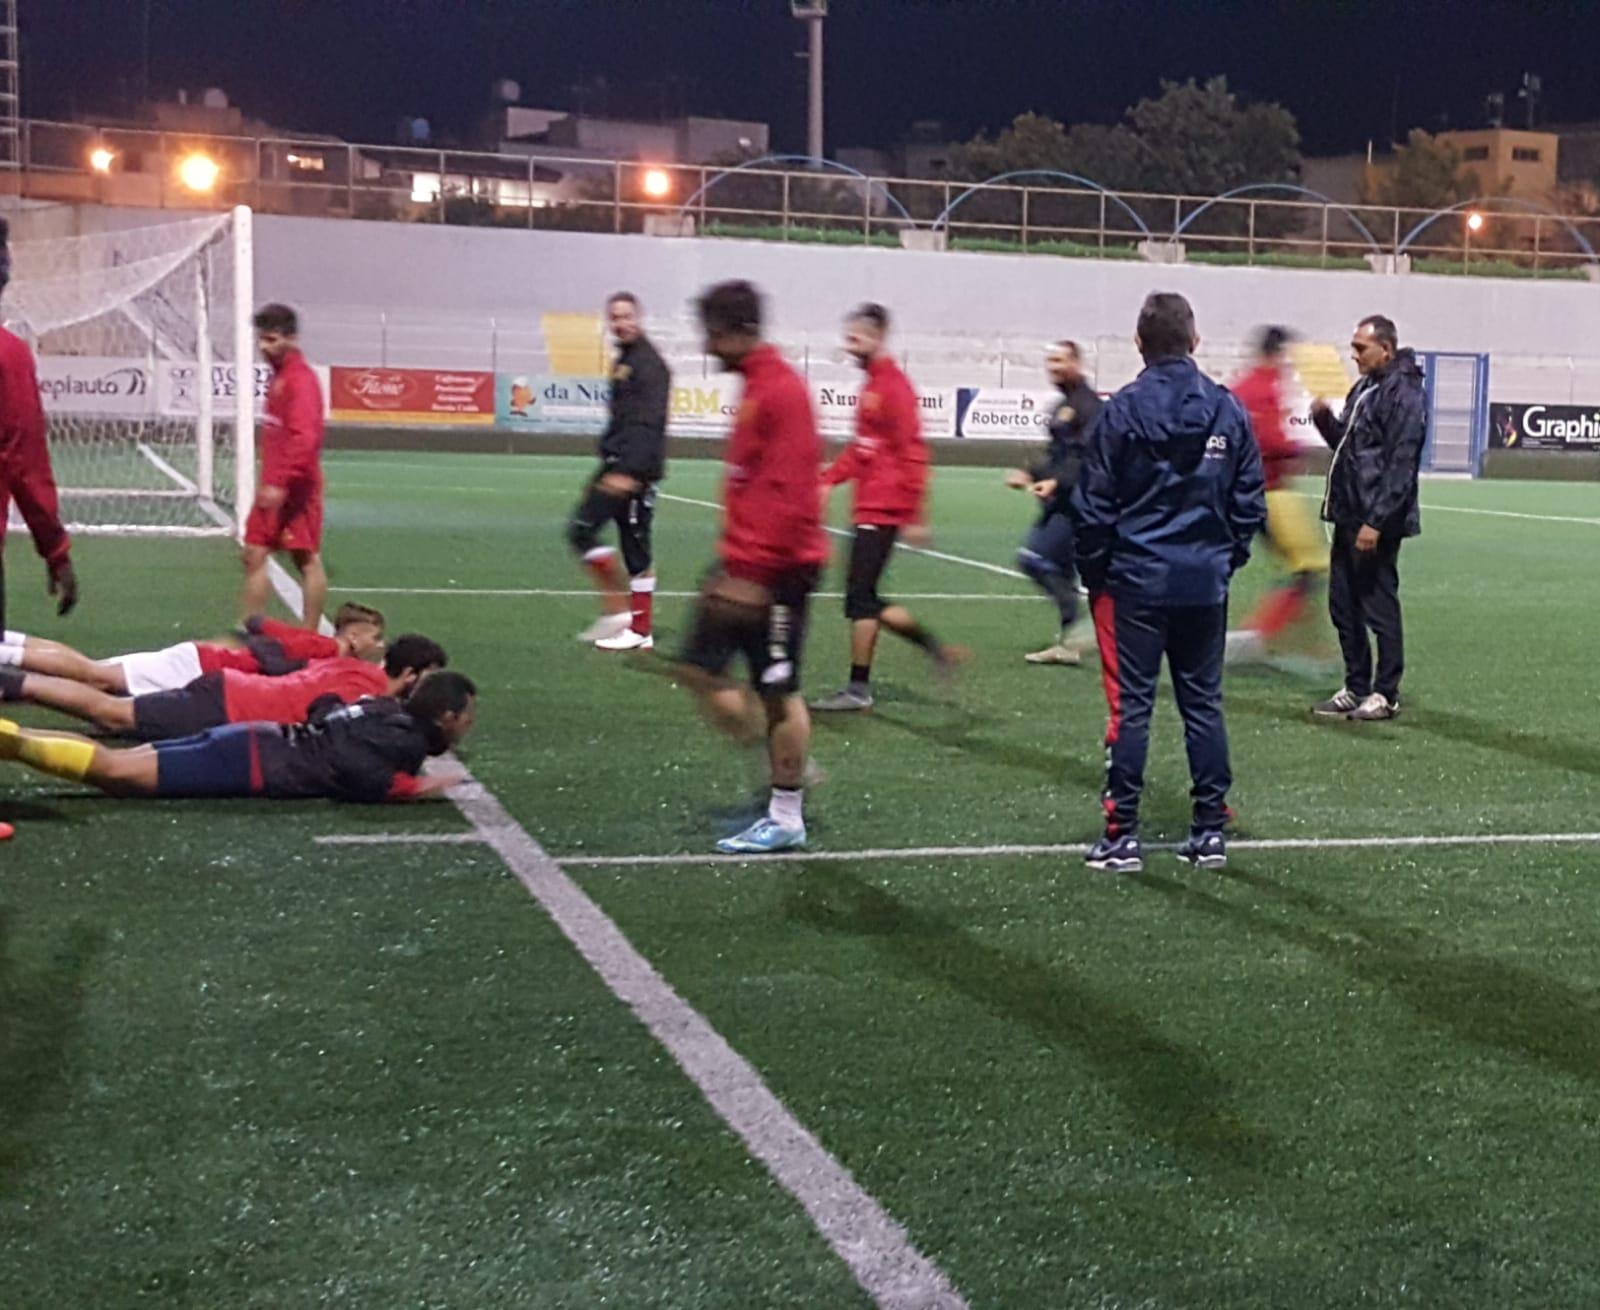 Calcio Prima Categoria: Gibellina-SC Mazarese, i convocati di mister Filippo Cavataio